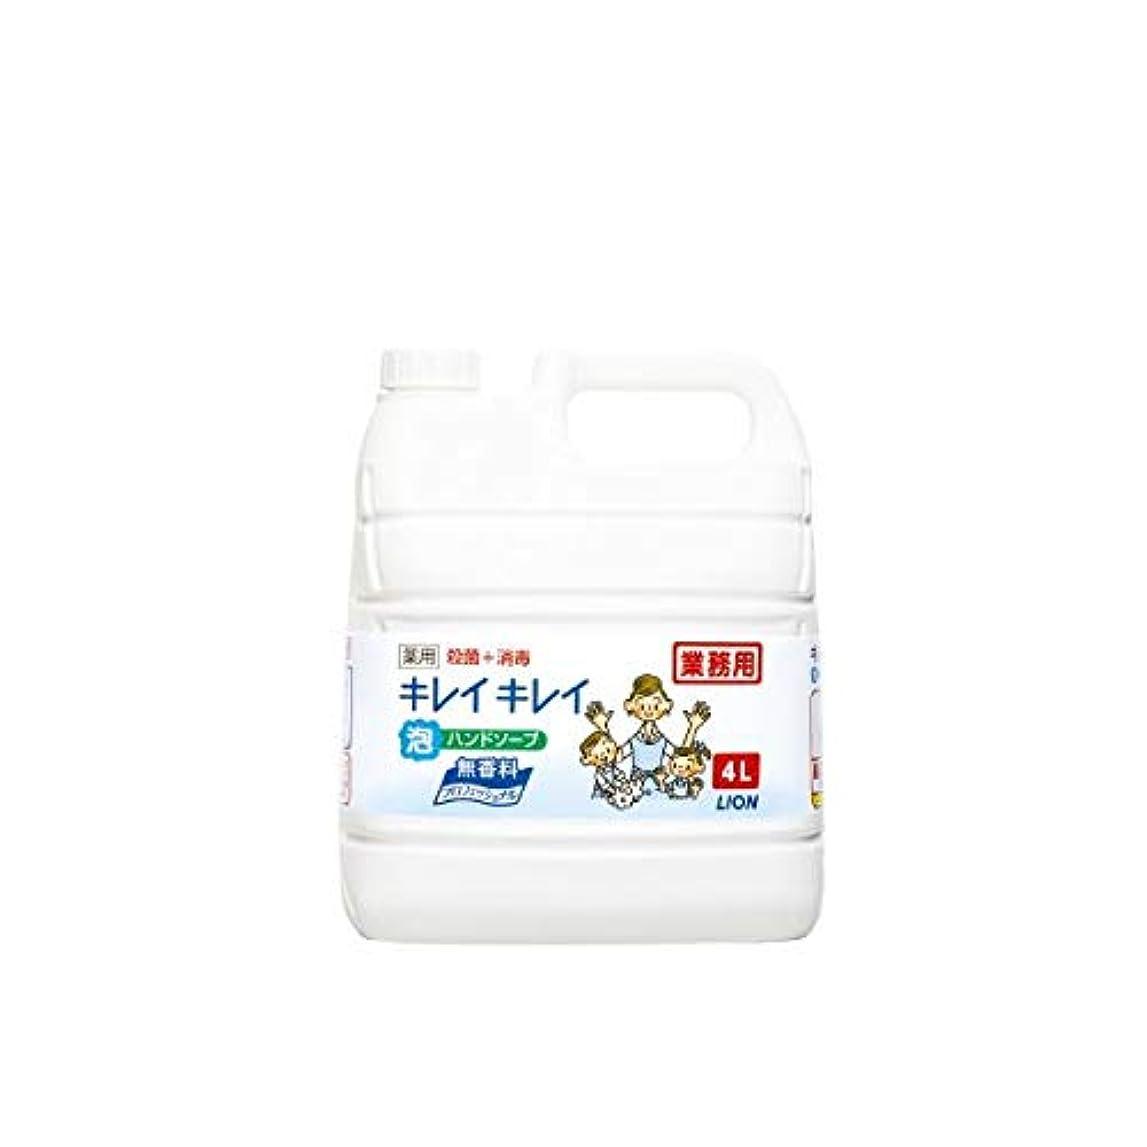 ライオン キレイキレイ泡ハンドソープPRO 無香料 4L ダイエット 健康 衛生用品 ハンドソープ 14067381 [並行輸入品]